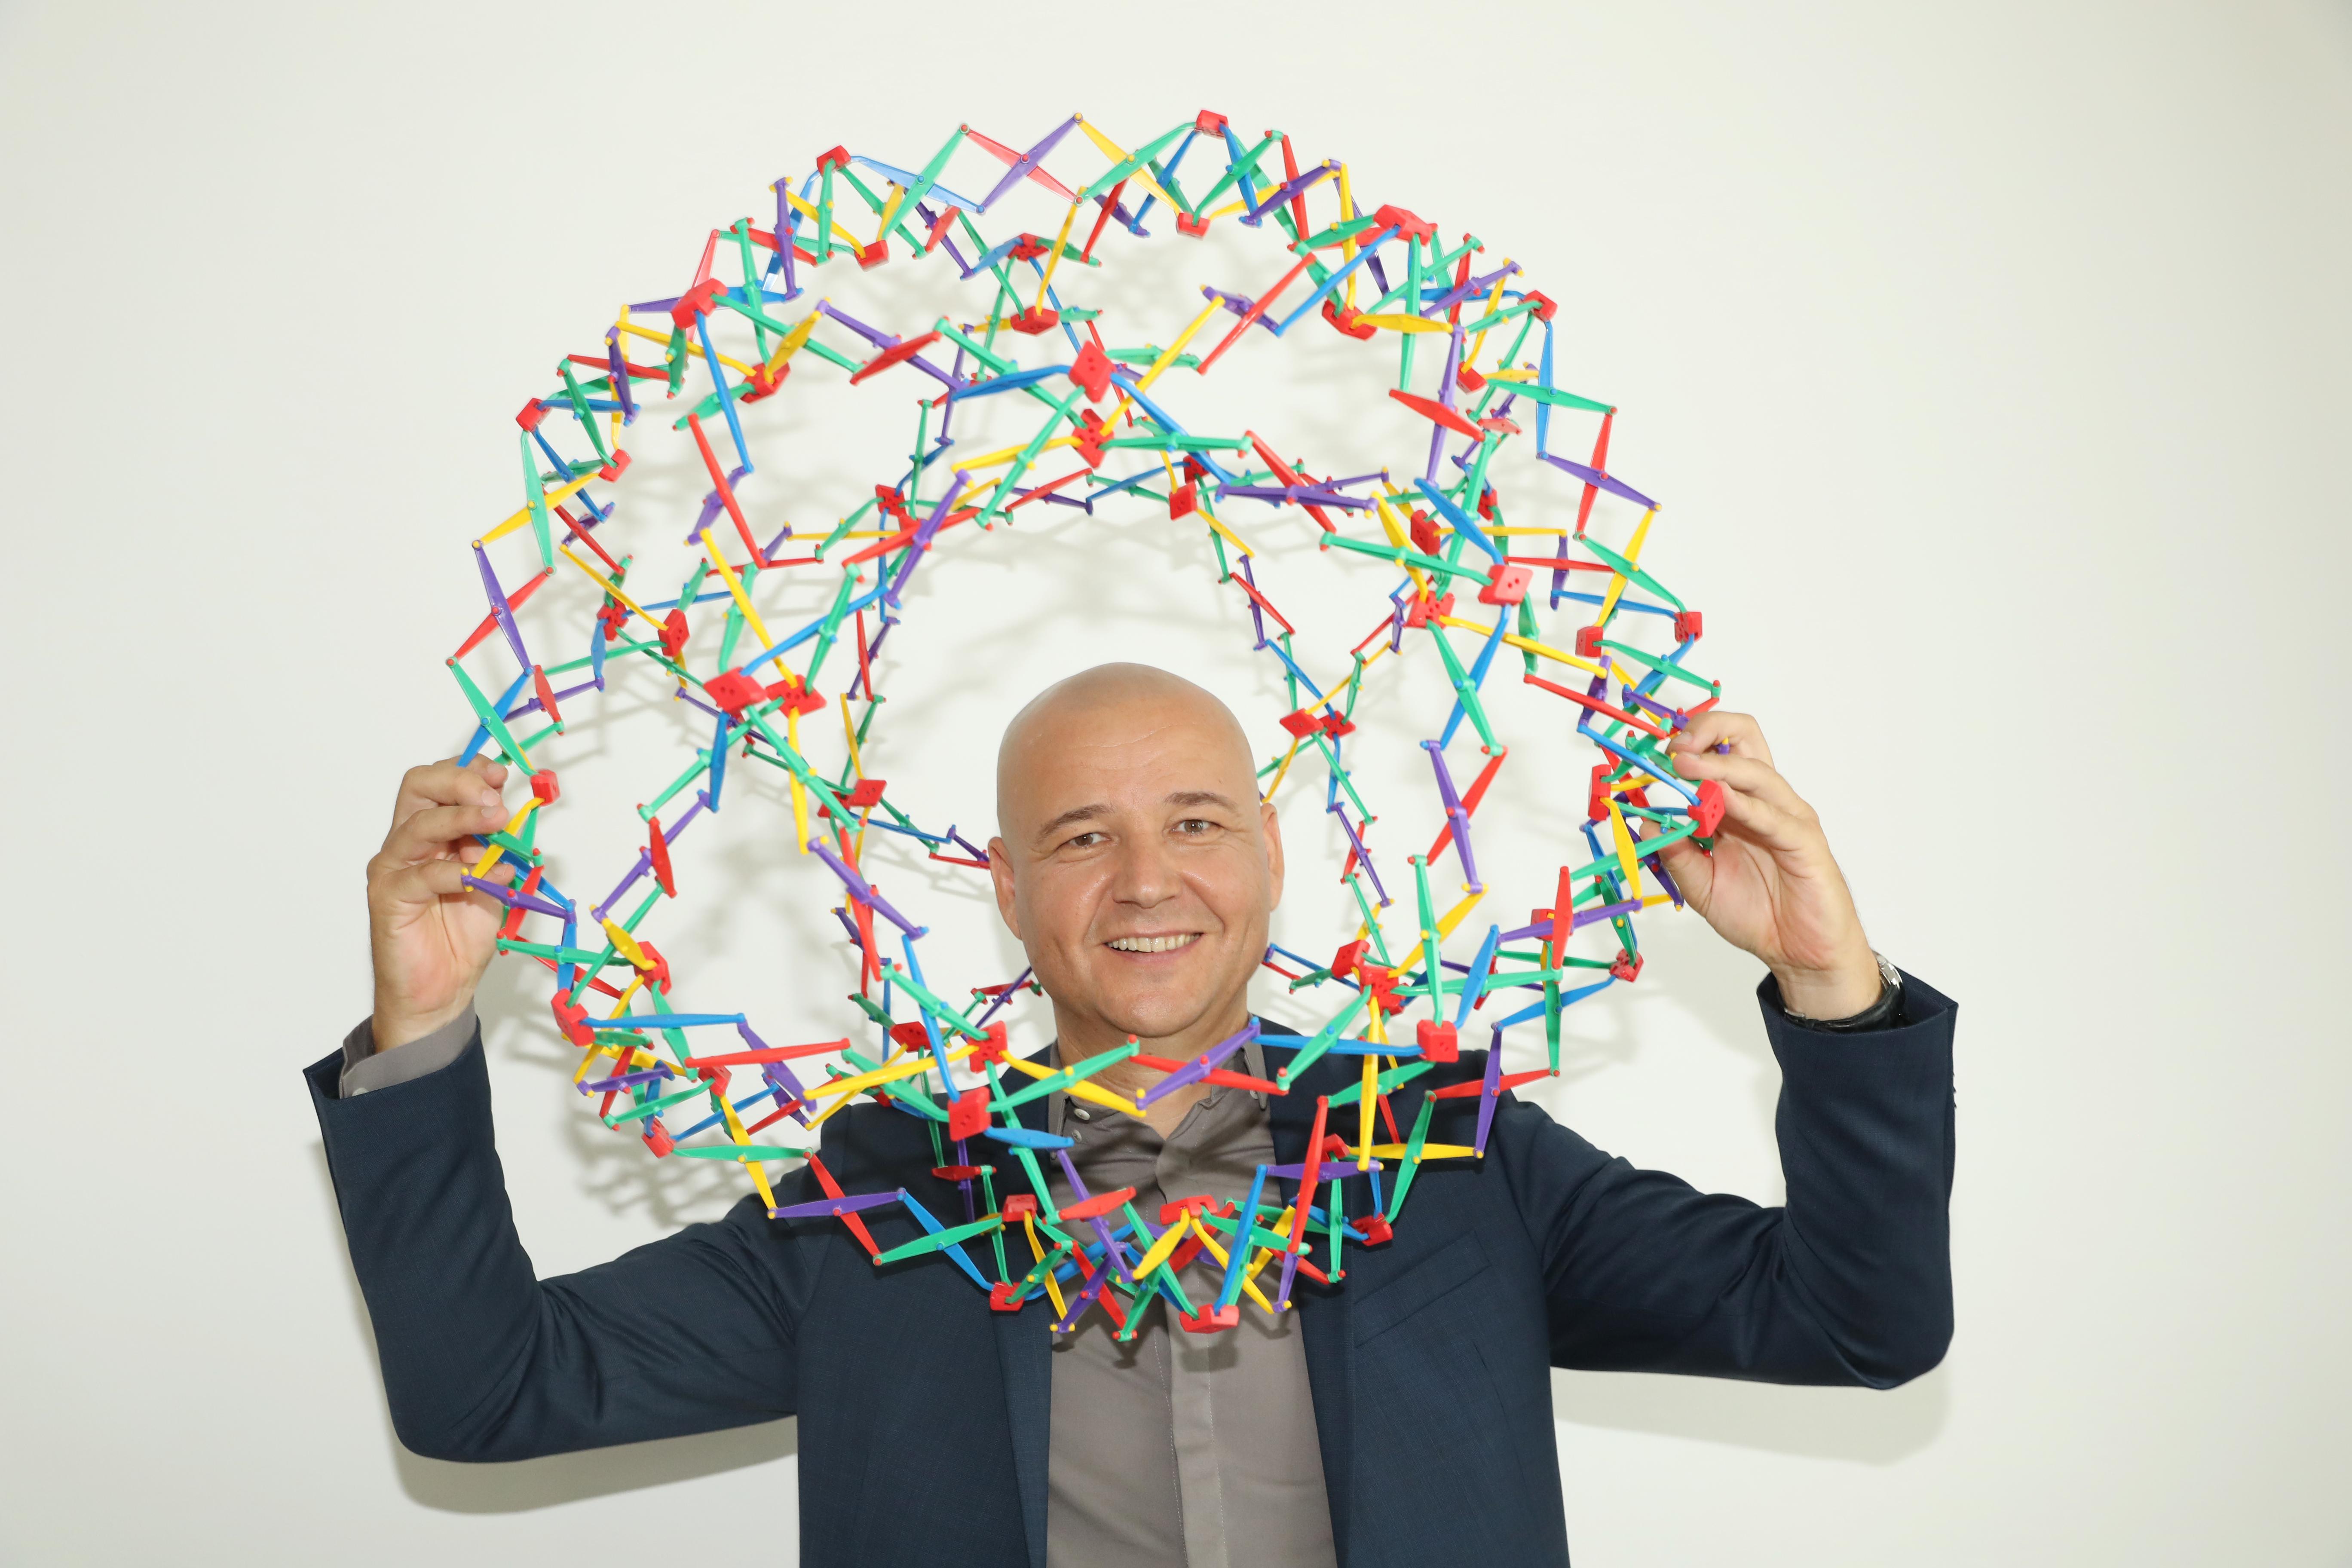 Markus Gruber, TETA 2, Führung, Führungskraft, Persönlichkeit, Werte, Management, Idee, Kreativität, Seminar, Workshop, Selbst, Ego